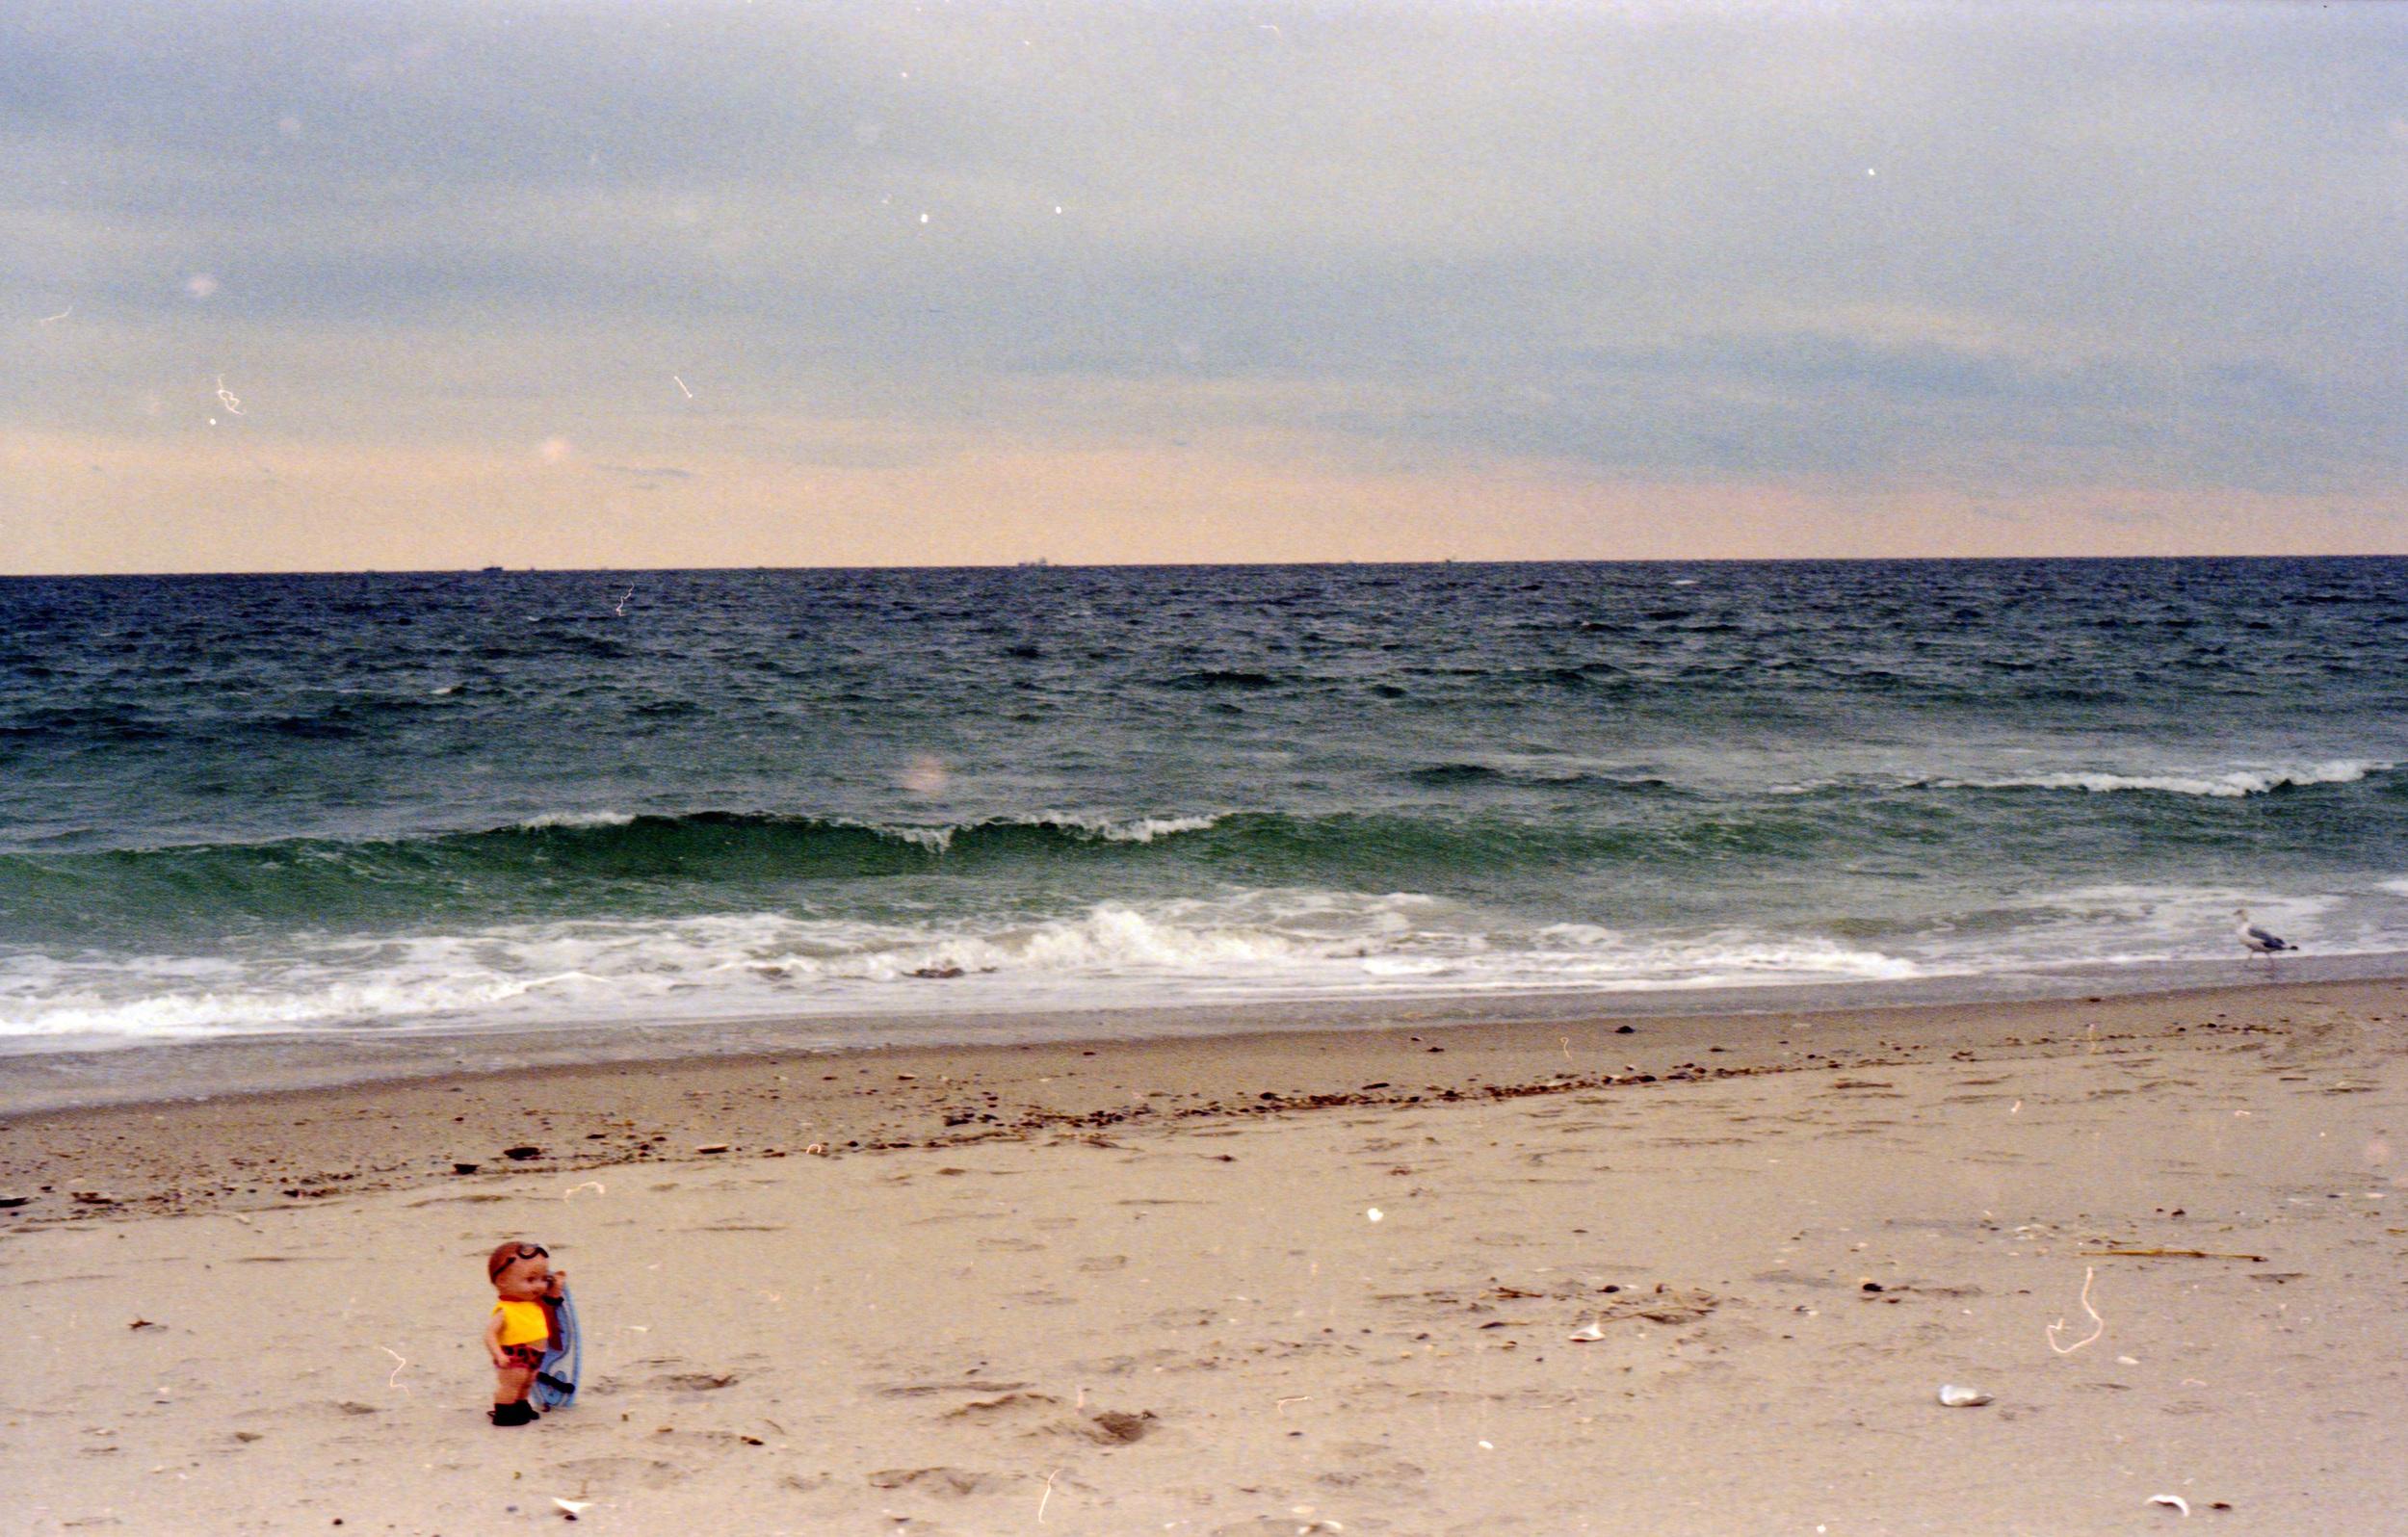 Buddy_beach_alone_19.jpg